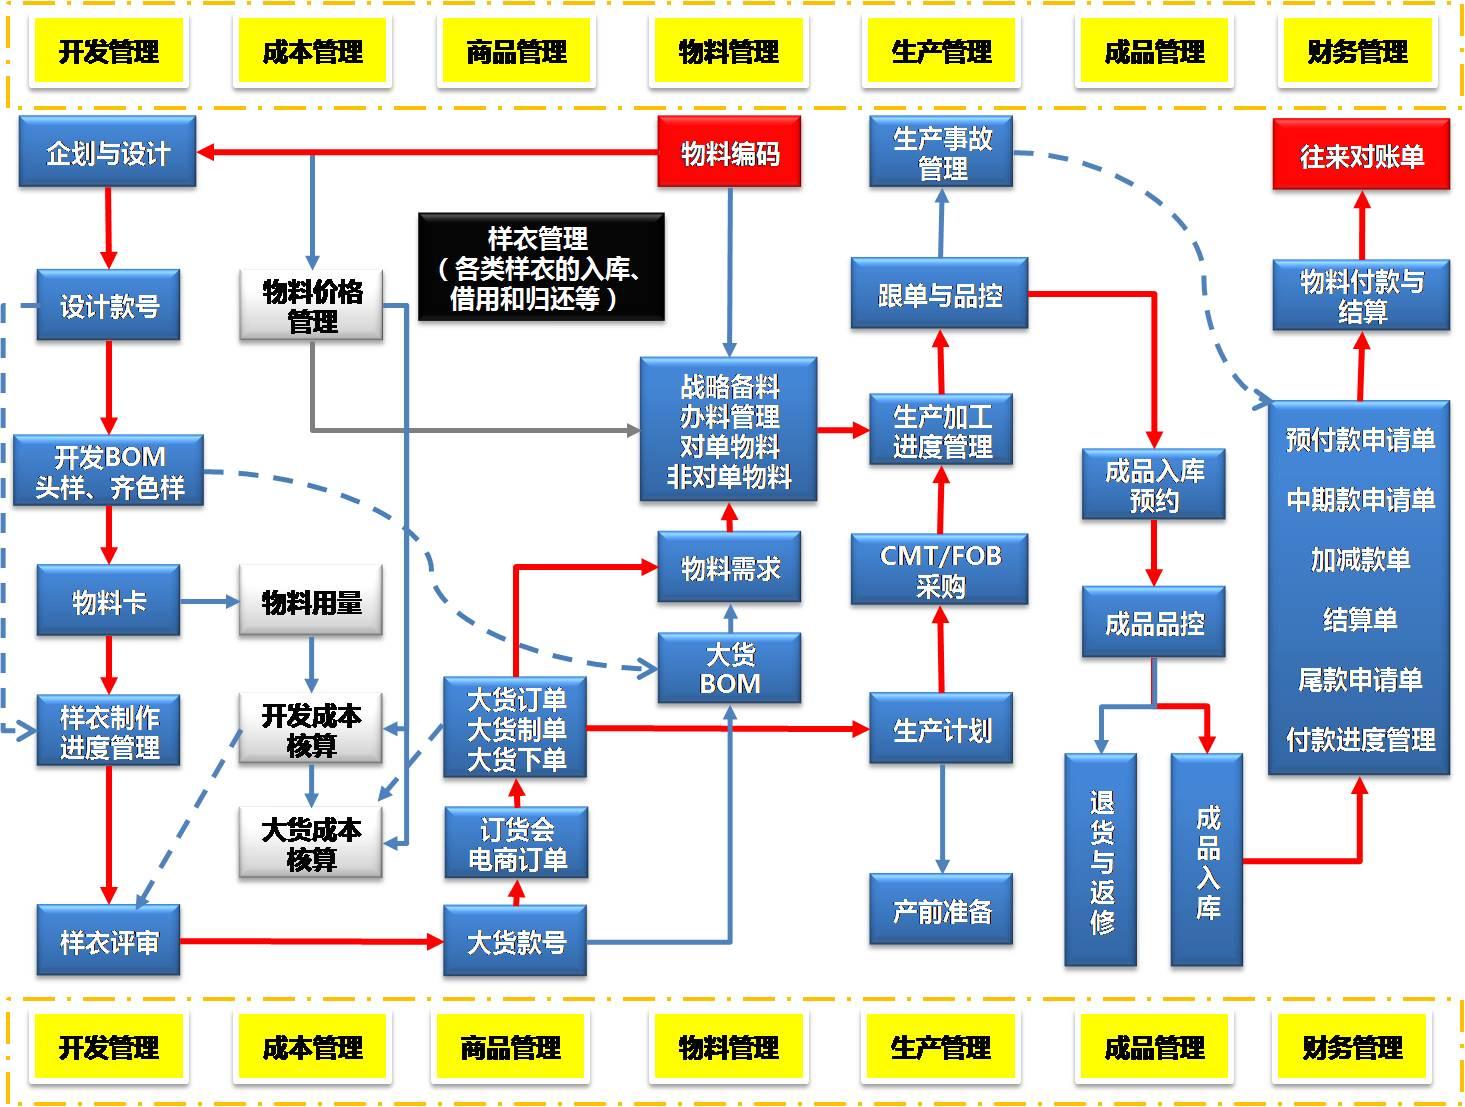 丰捷软件 广州丰捷企业管理服务有限公司 服装供应链管理系统 服装供应链 丰捷SCM SCM系统